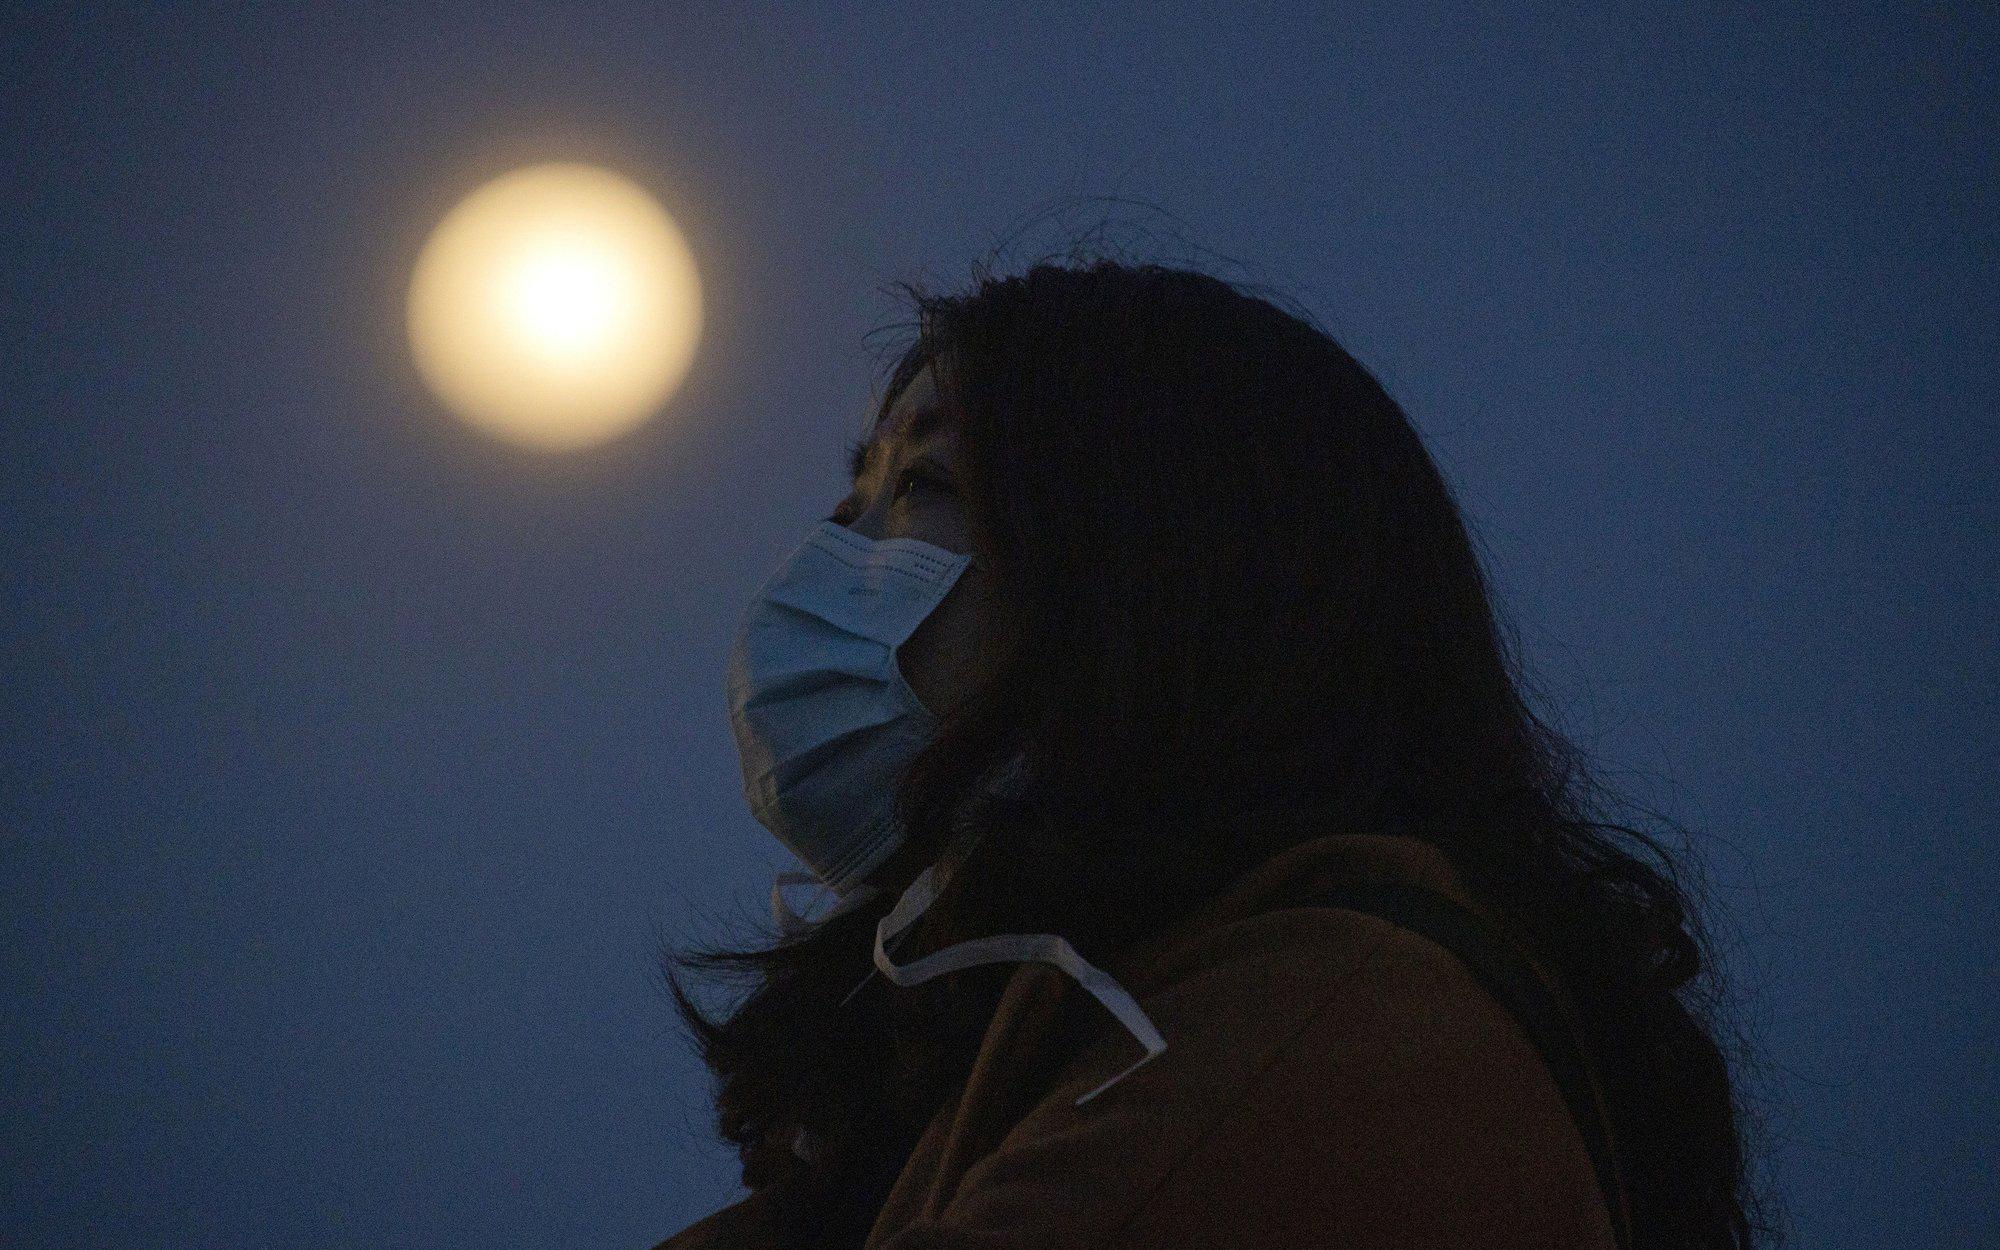 Chùm ảnh: Vũ Hán - thành phố triệu dân vừa thức dậy sau một giấc ngủ kéo dài 76 ngày do lệnh phong tỏa trong đại dịch Covid-19